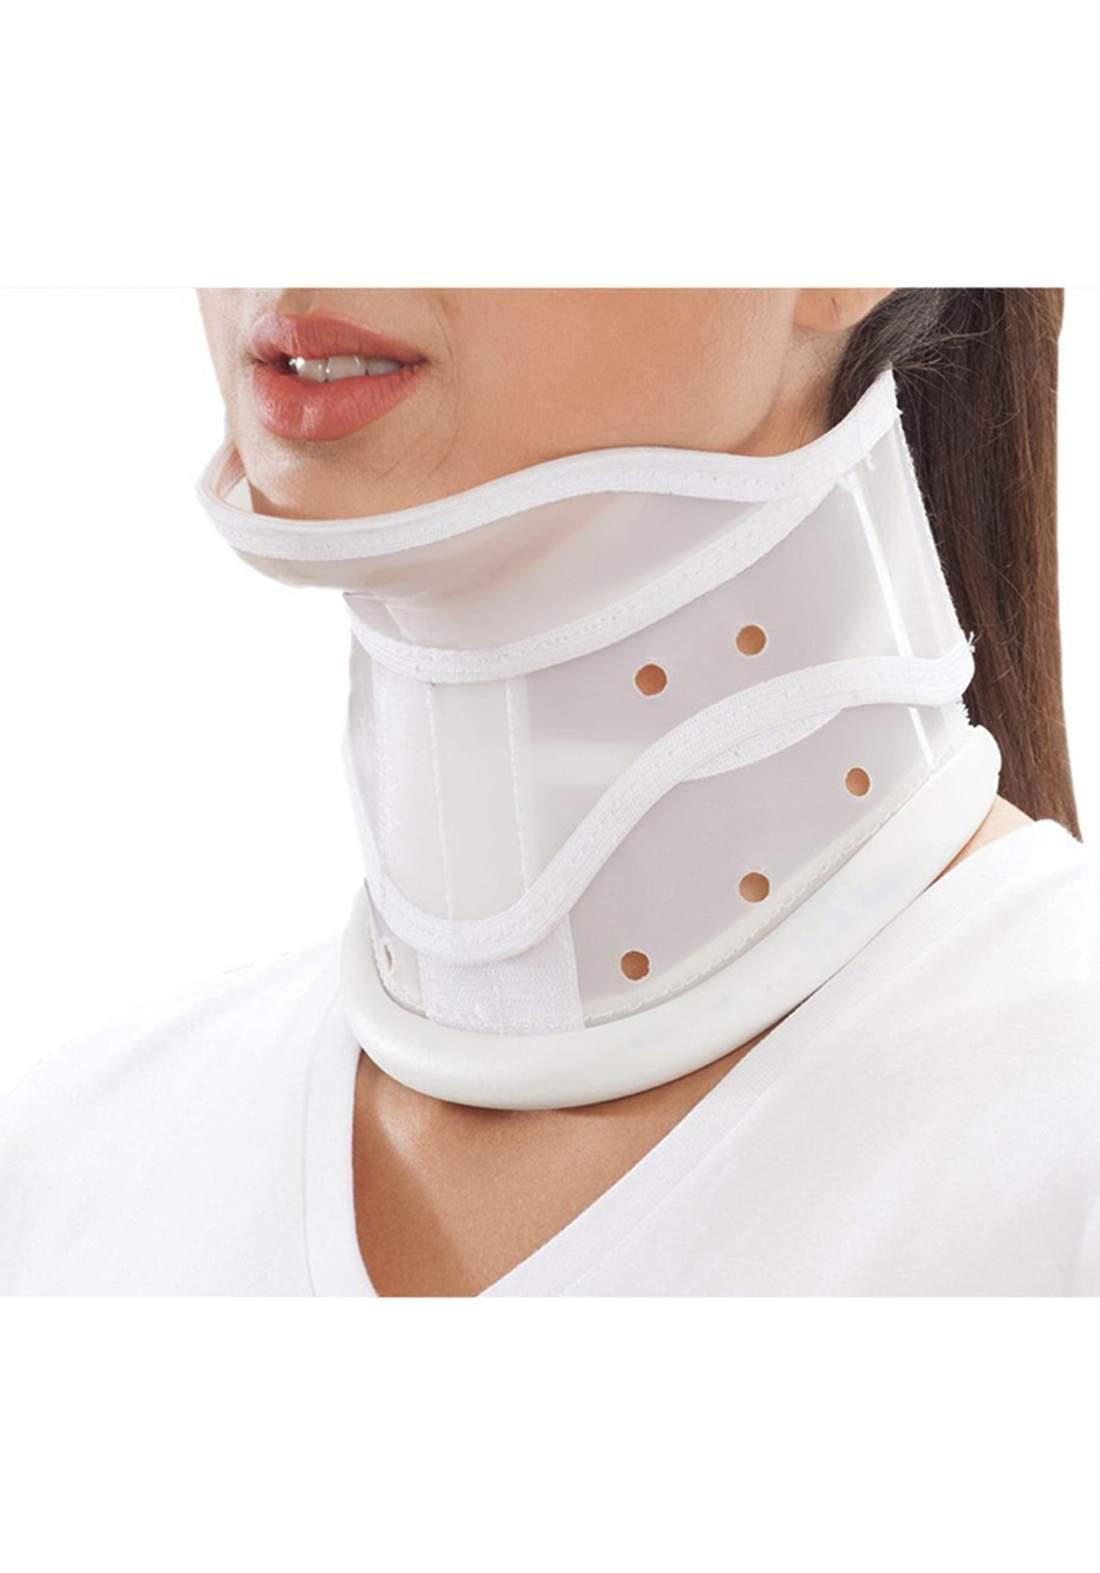 Tynor B-03 Cervical Collar Hard Adjustable طوق للرقبة